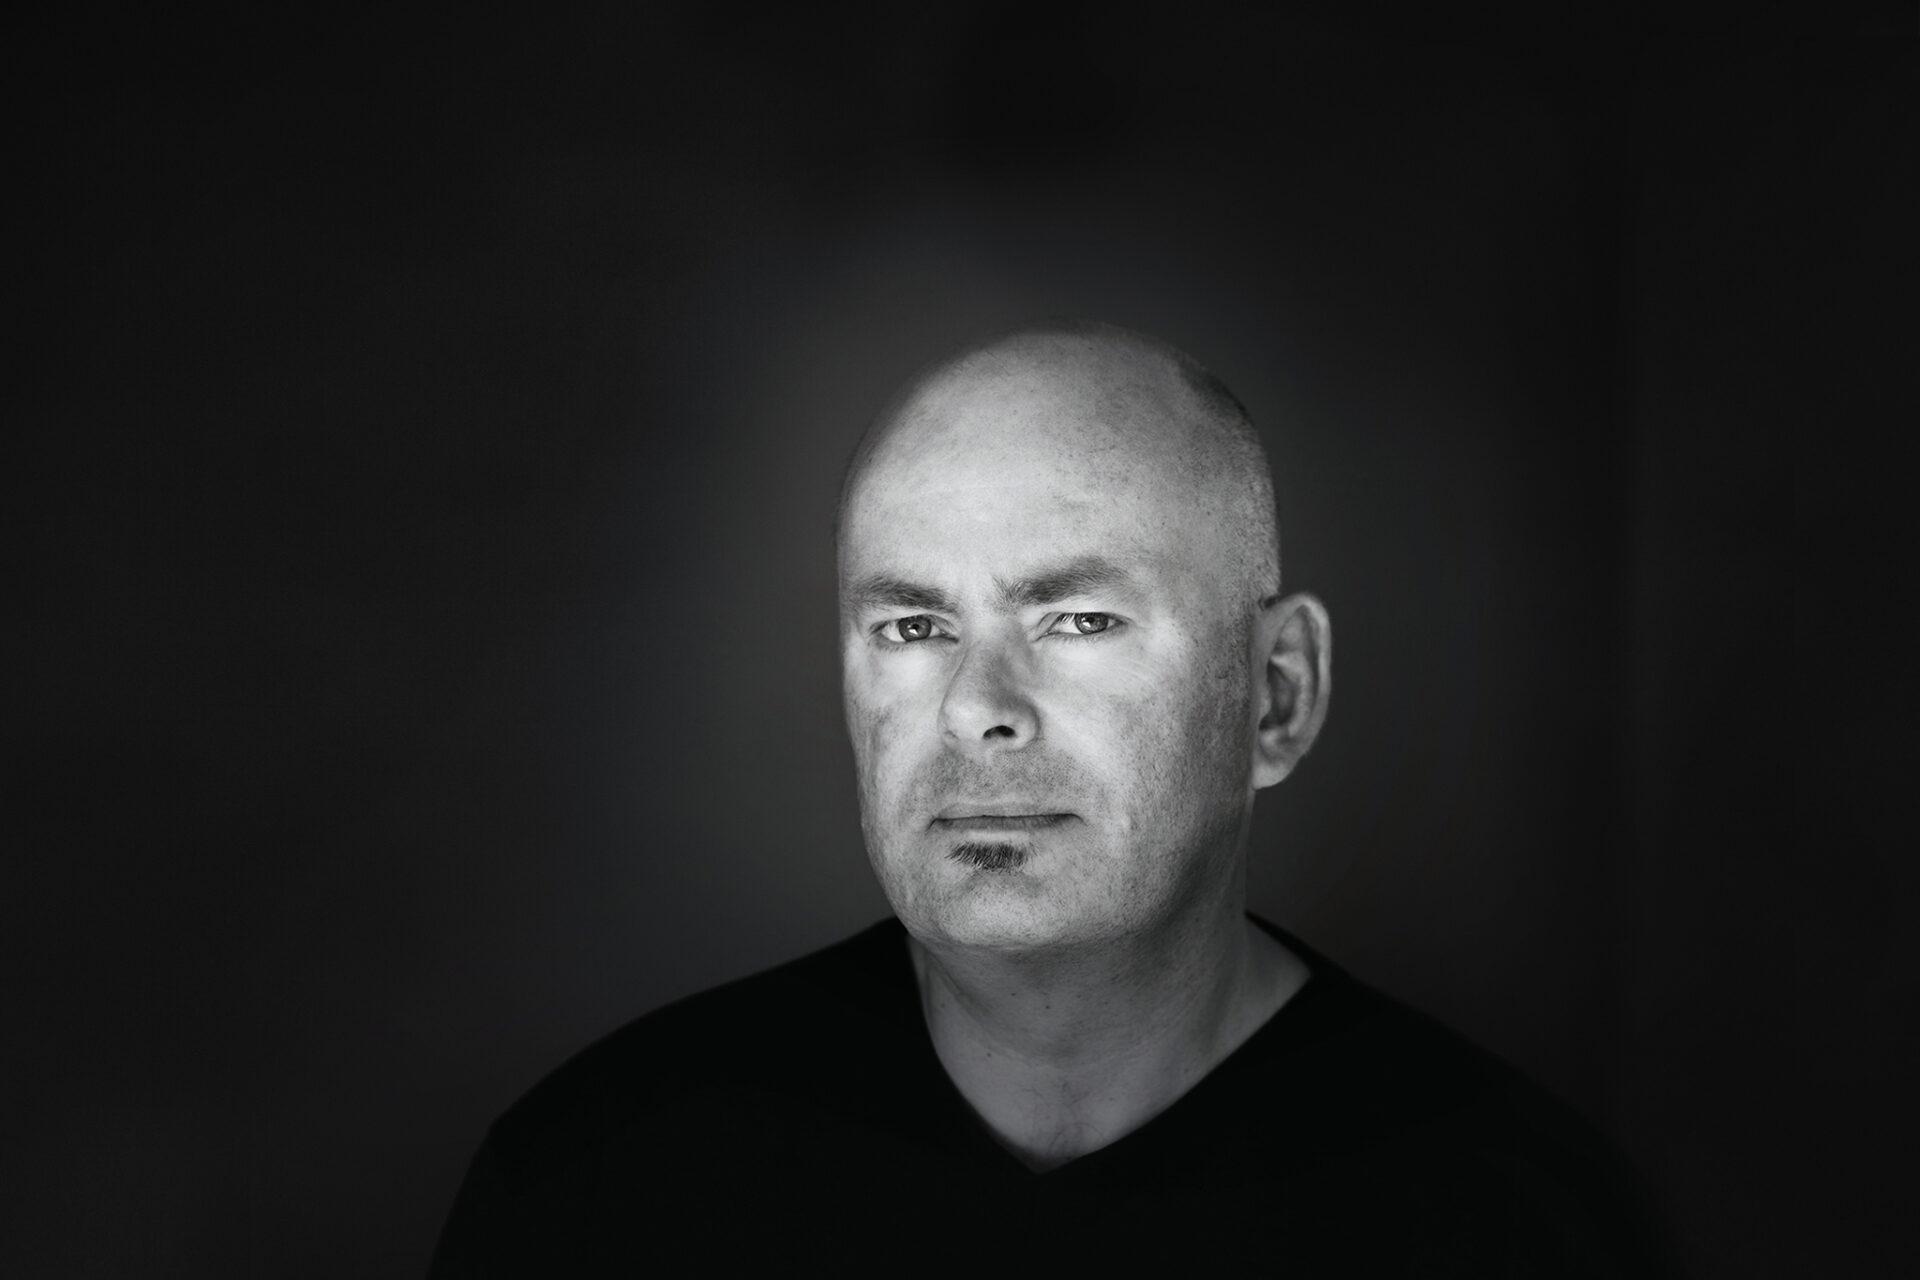 Festivalleiter_Daniel_Kroenke